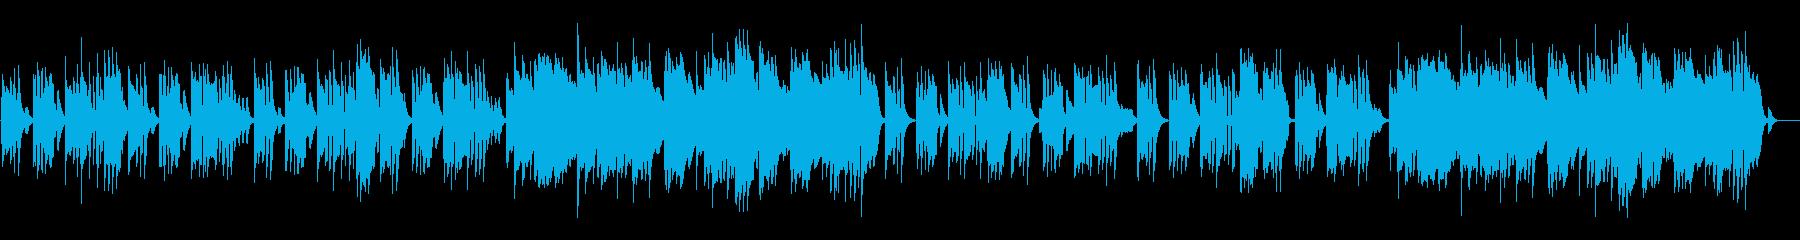 【打楽器抜】日本の昔ばなし/のんびり和風の再生済みの波形